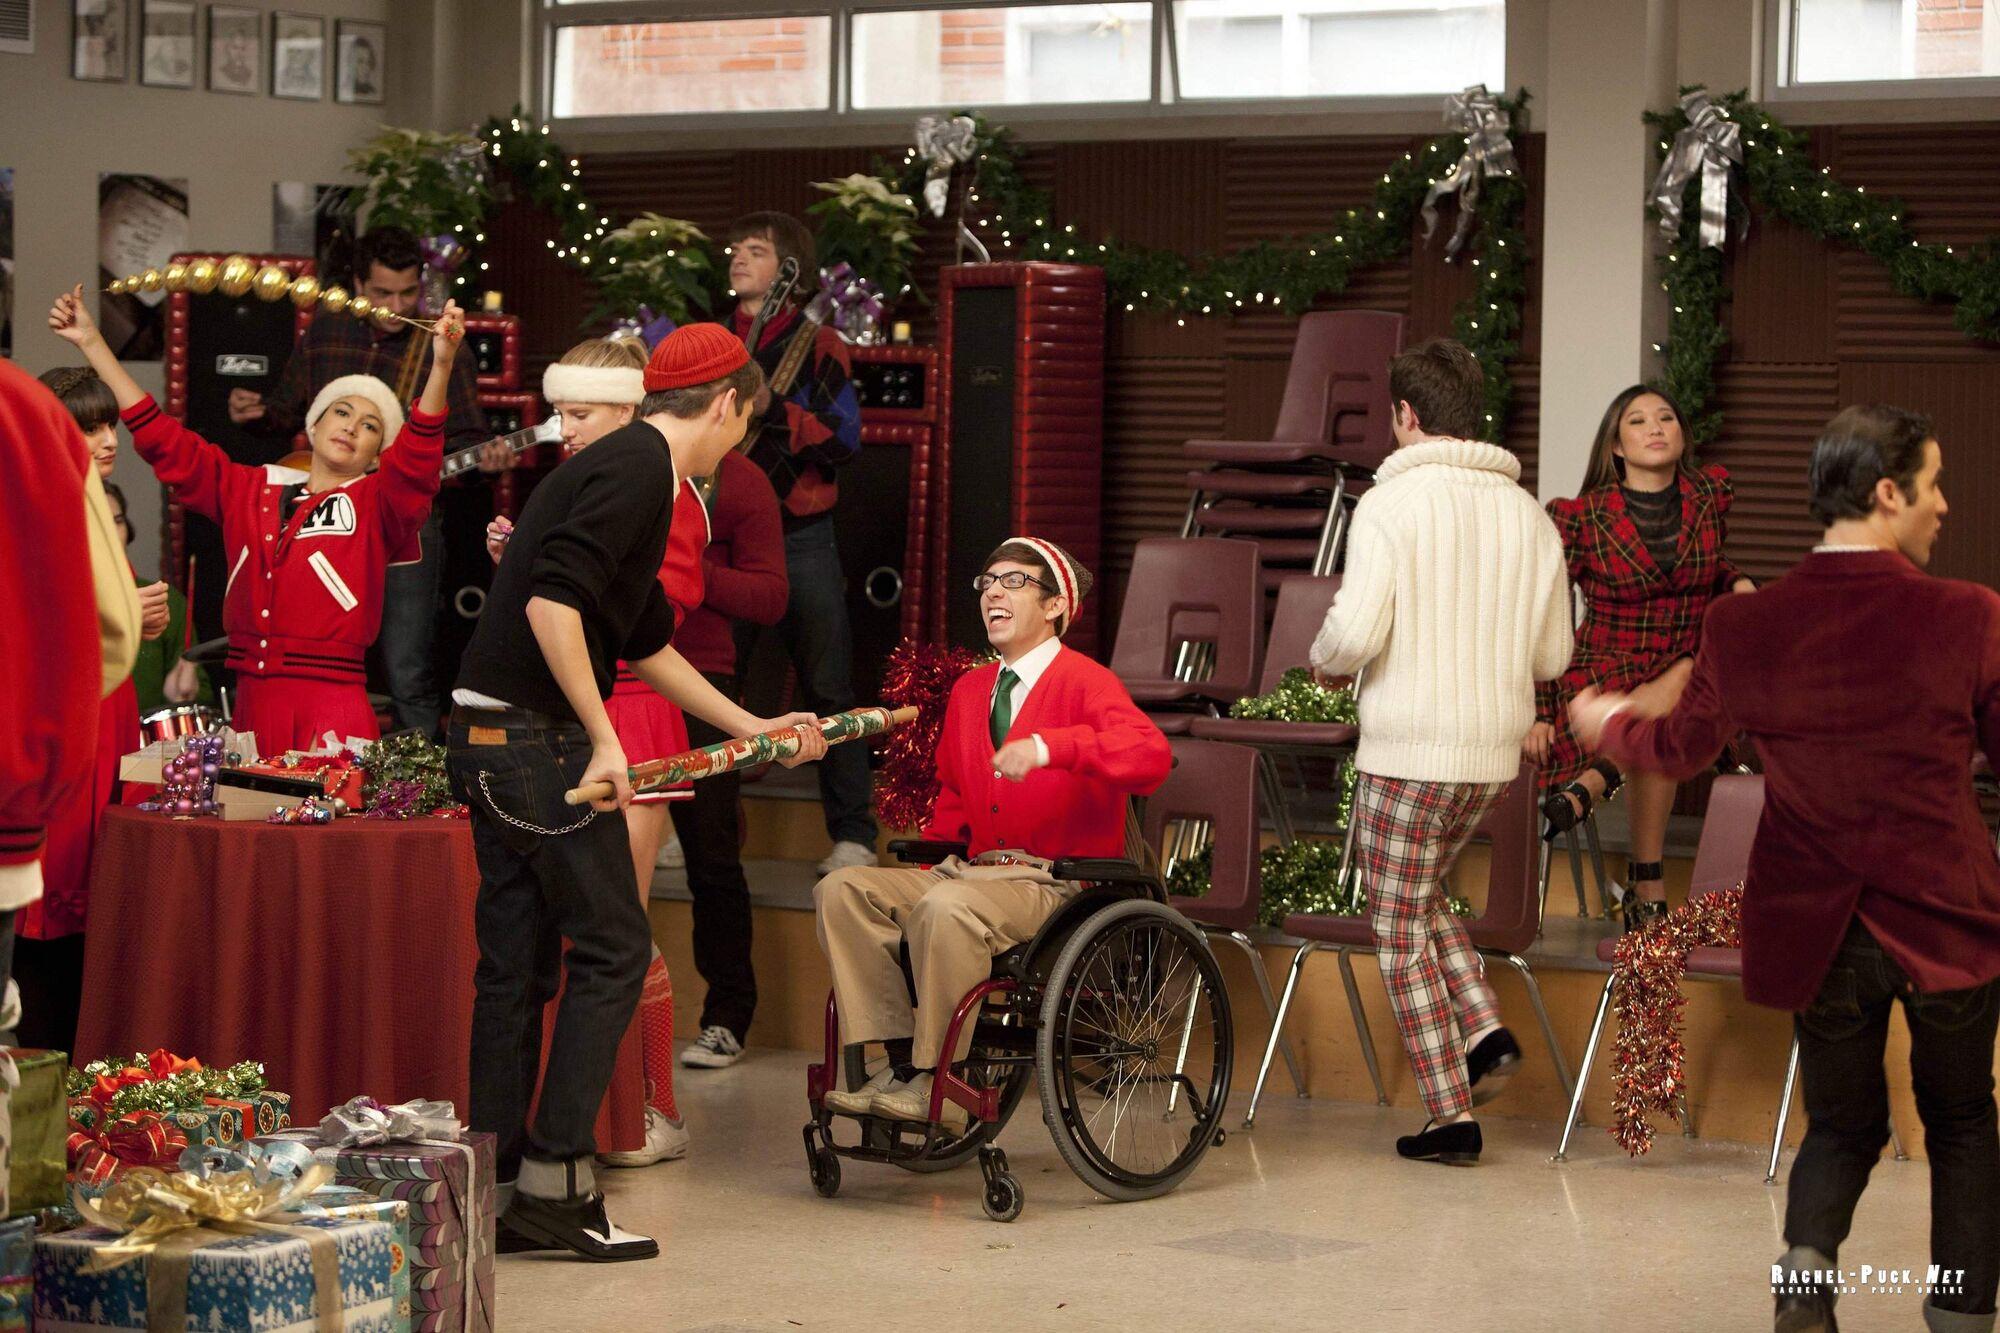 Galaktische Weihnachten | Glee Wiki | FANDOM powered by Wikia